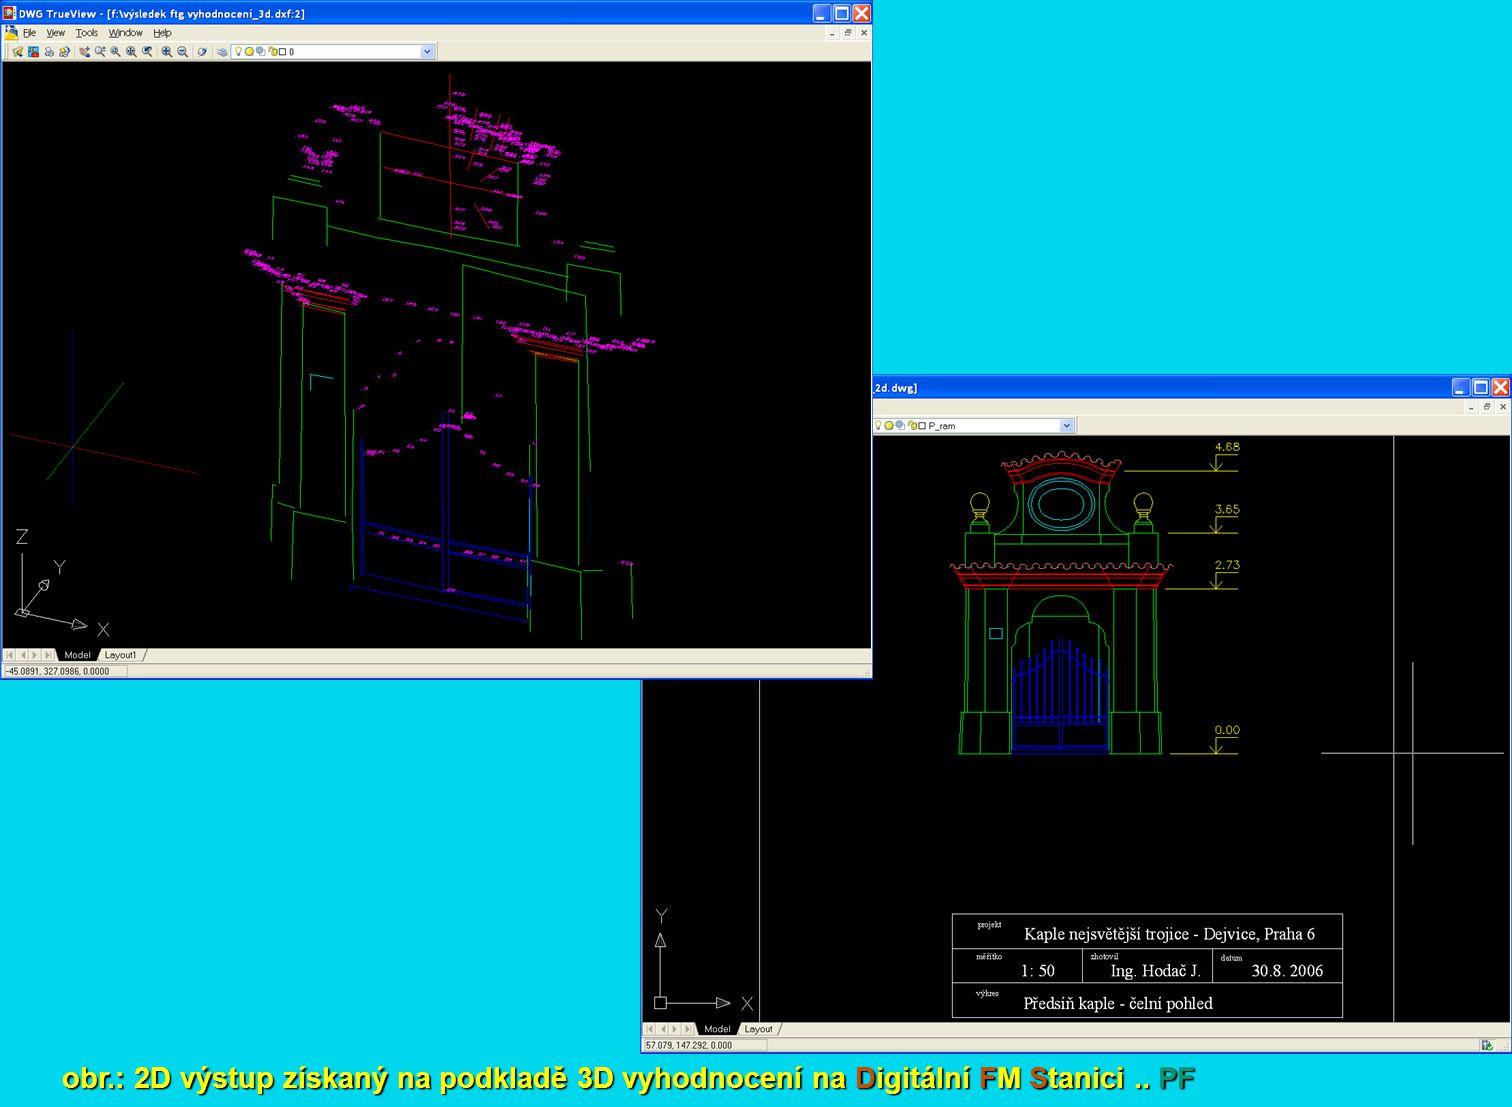 obr.: 2D výstup získaný na podkladě 3D vyhodnocení na Digitální FM Stanici.. PF